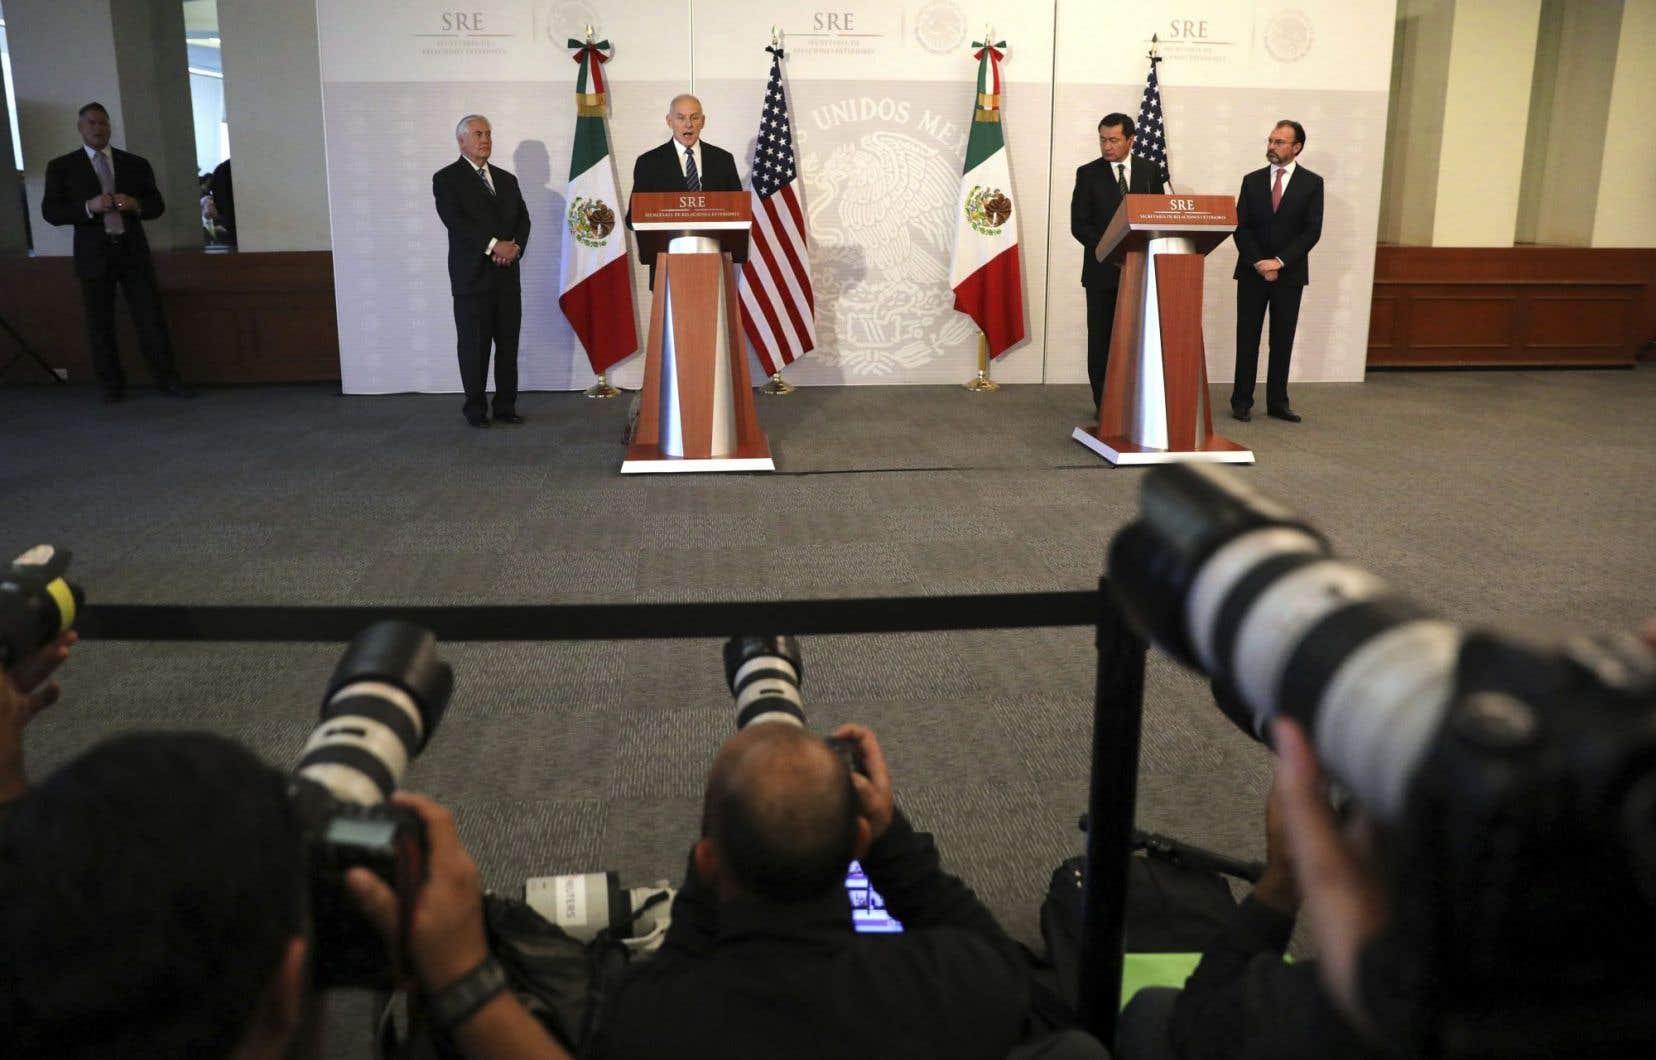 Le secrétaire américain à la Sécurité intérieure, John Kelly, lors d'un point de presse au côté du secrétaire d'État, Rex Tillerson, et de leurs homologues mexicains